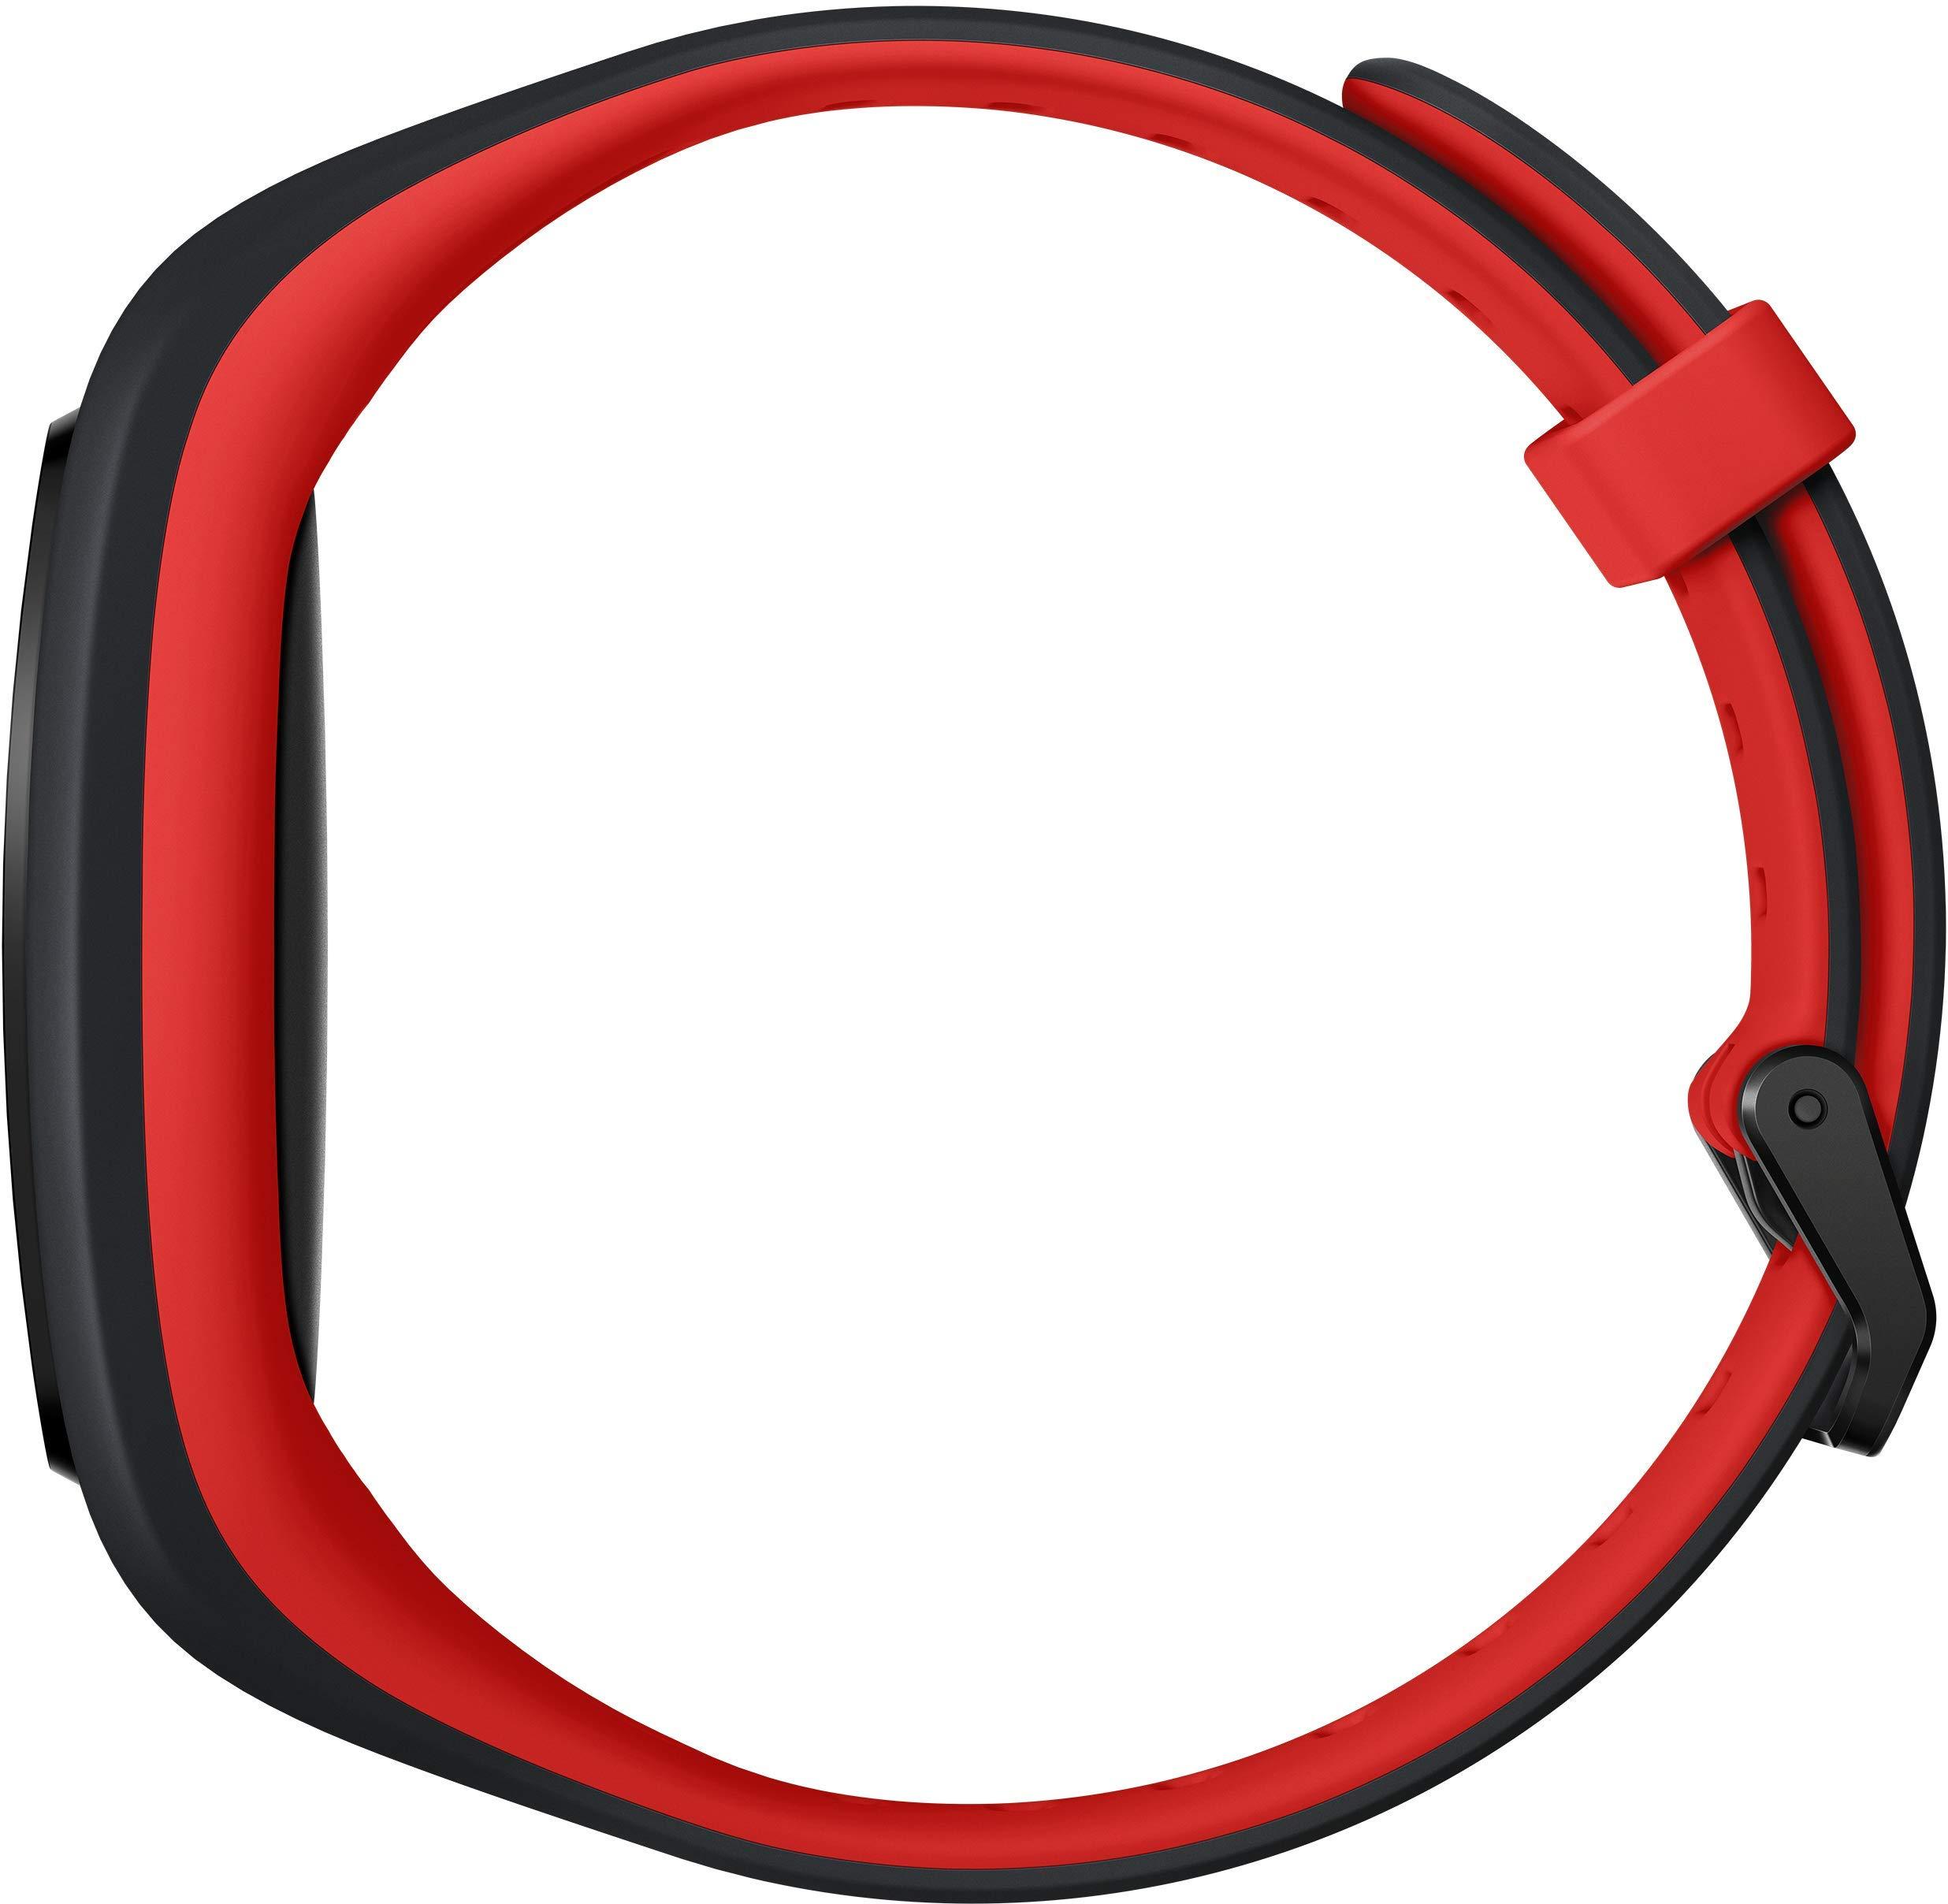 HONOR Band 4 Running Pulsera de Actividad Negro, Rojo OLED 1,27 cm (0.5″)